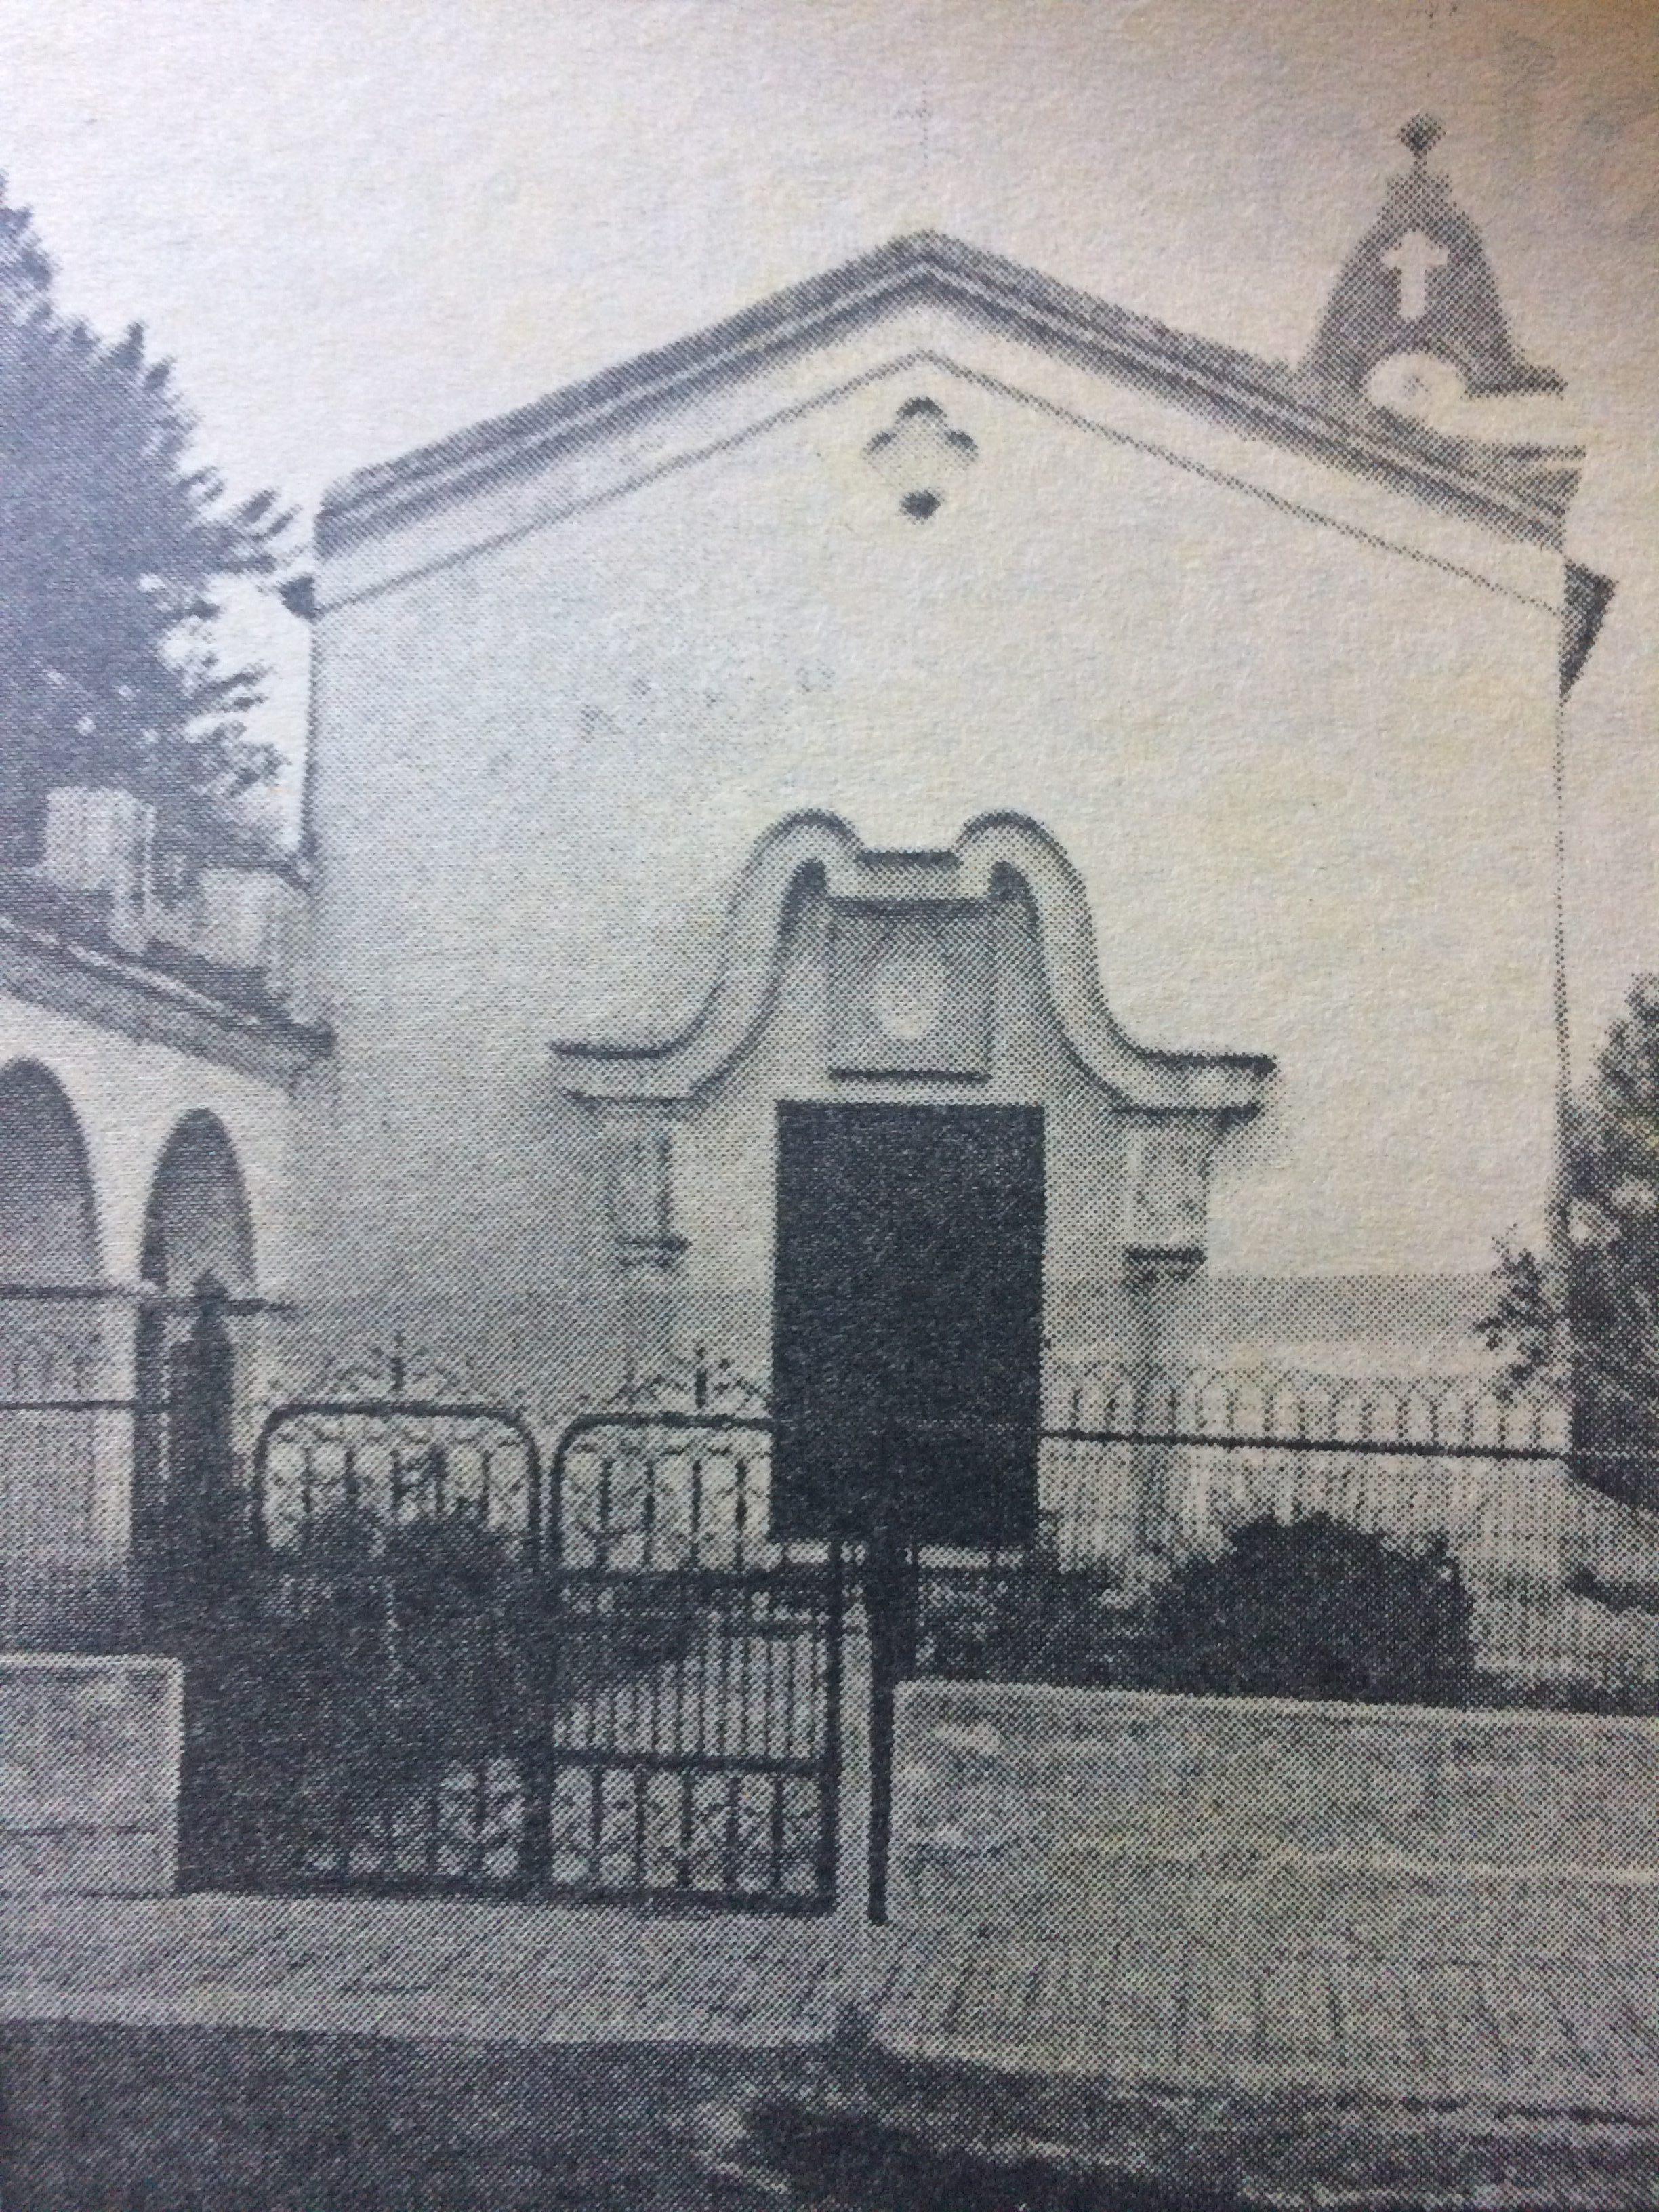 La Capilla de Ramón Biaus, se colocó bajo la advocación de la Virgen Nuestra Señora de los Dolores, cuya festividad, se conmemora cada 15 de septiembre.